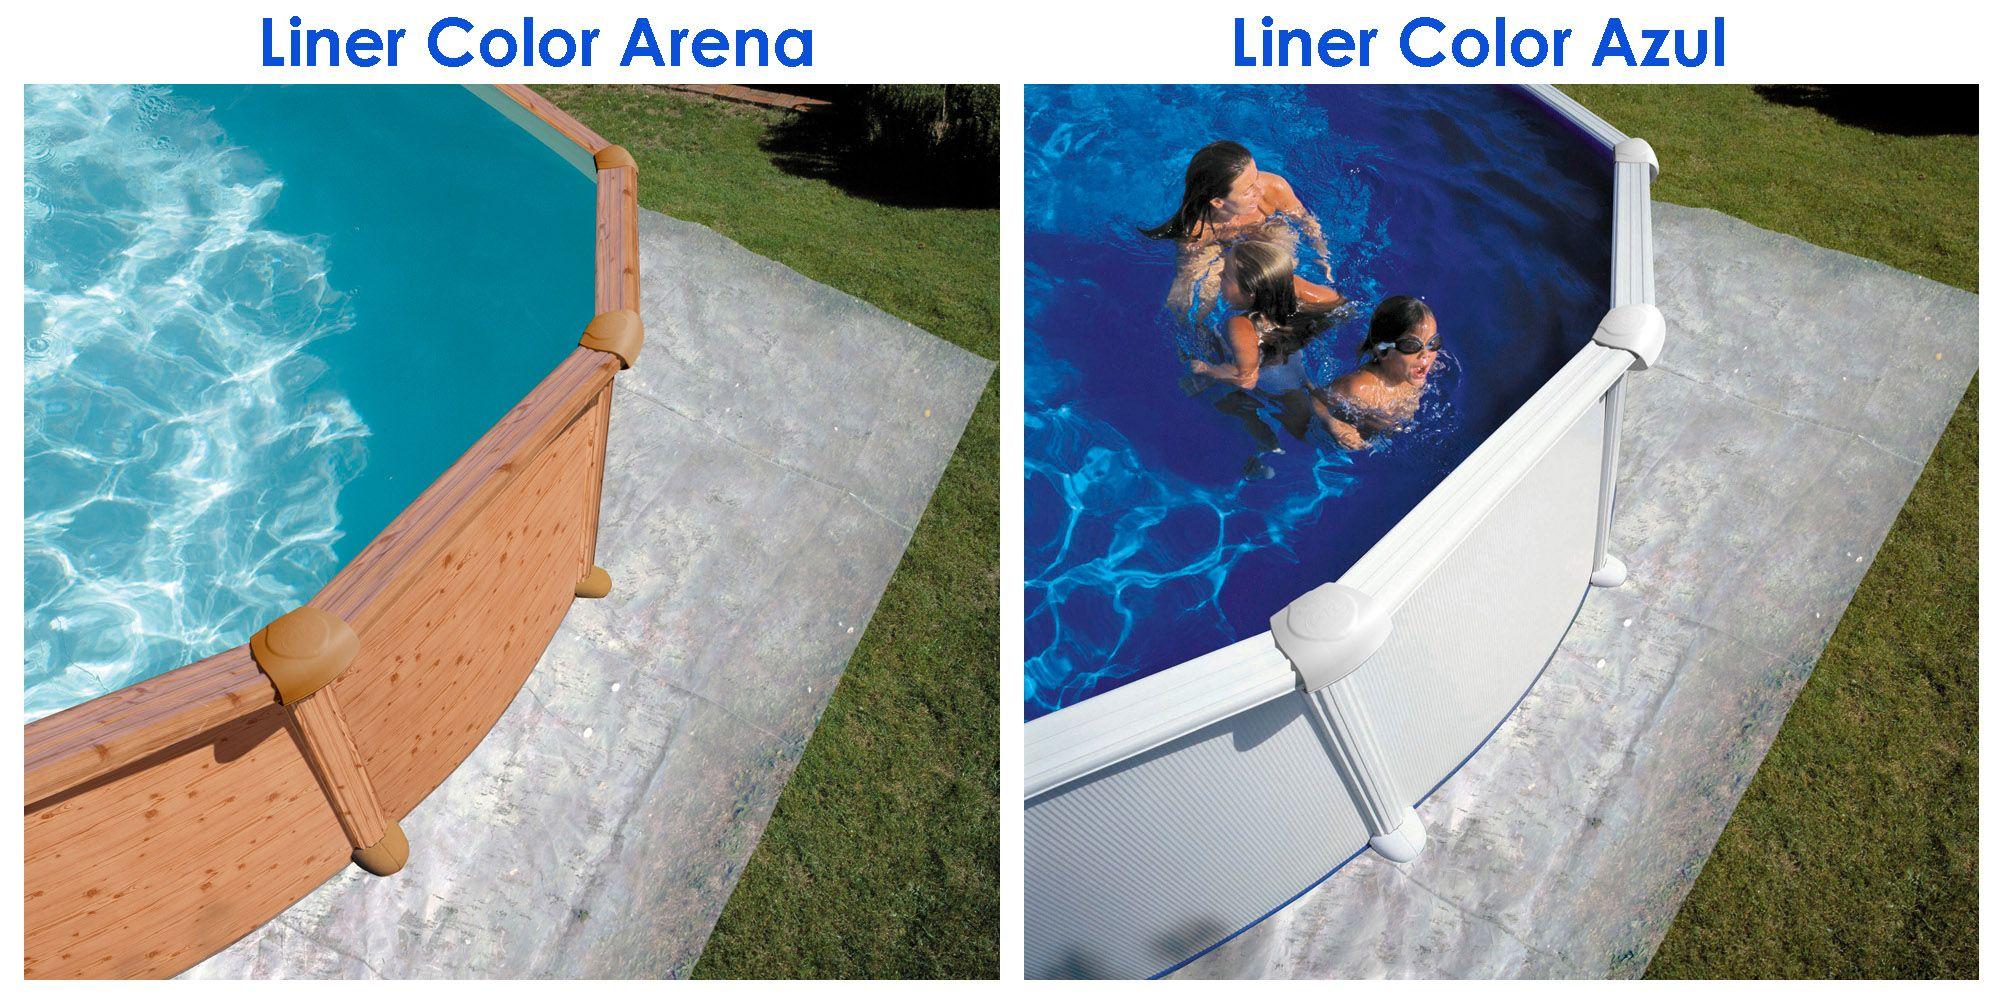 Colores de liner para piscinas desmontables muebles for Liner piscinas desmontables